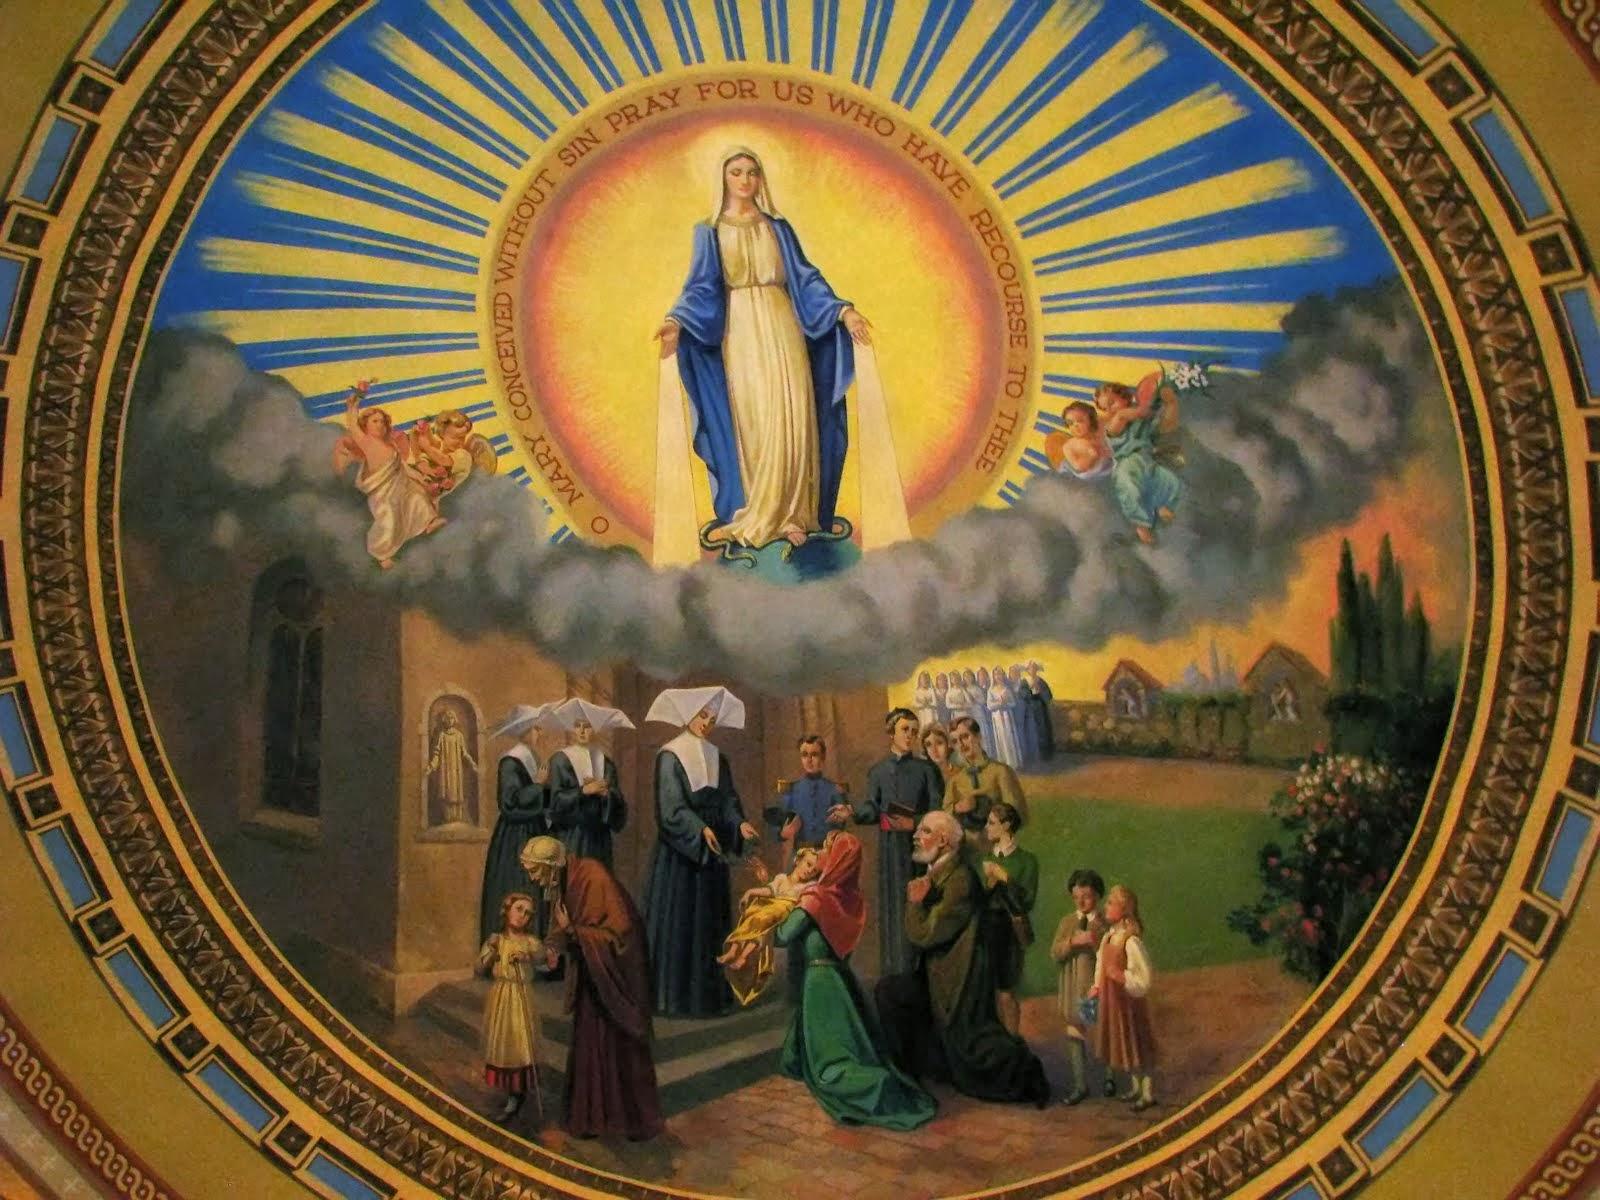 Por qué el Liderazgo de María es Central en el FINAL DE LOS TIEMPOS